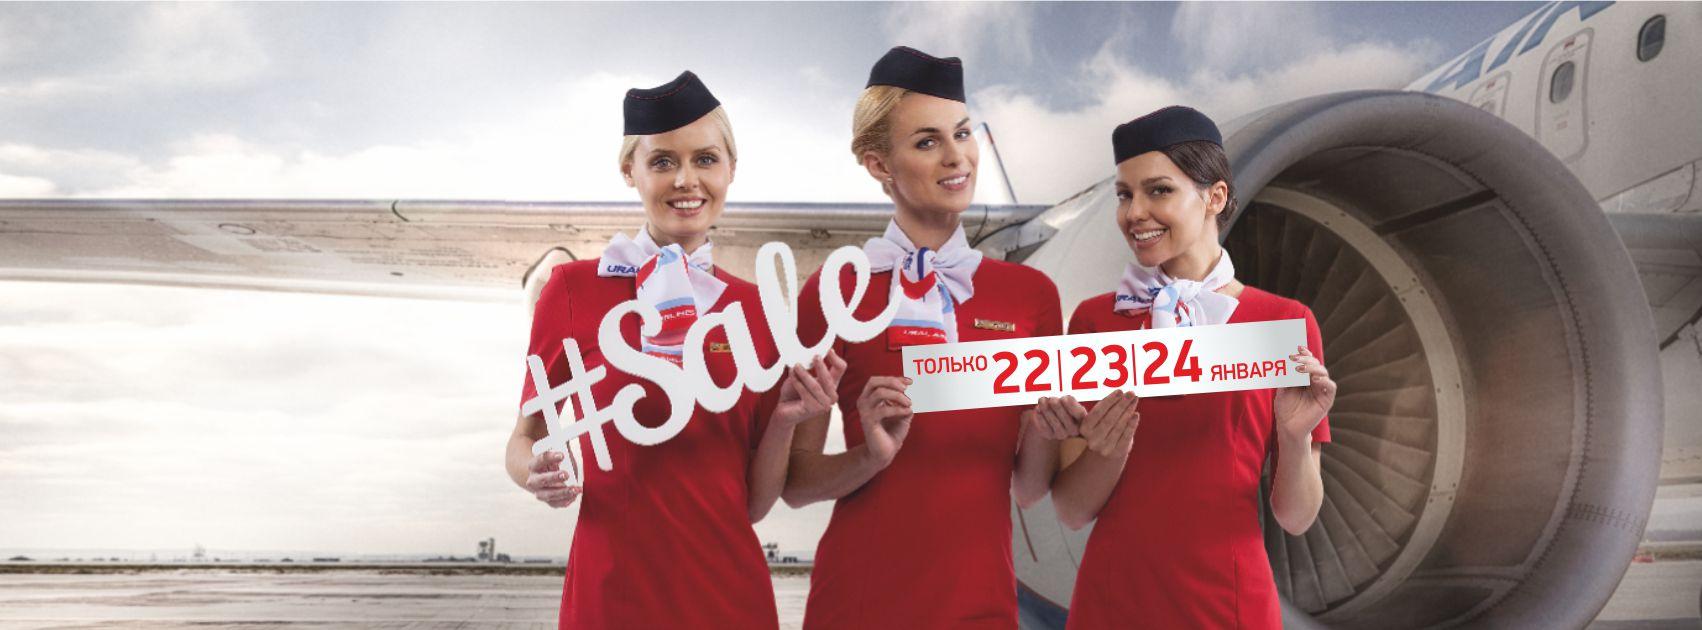 Уральские авиалинии распродажа билетов